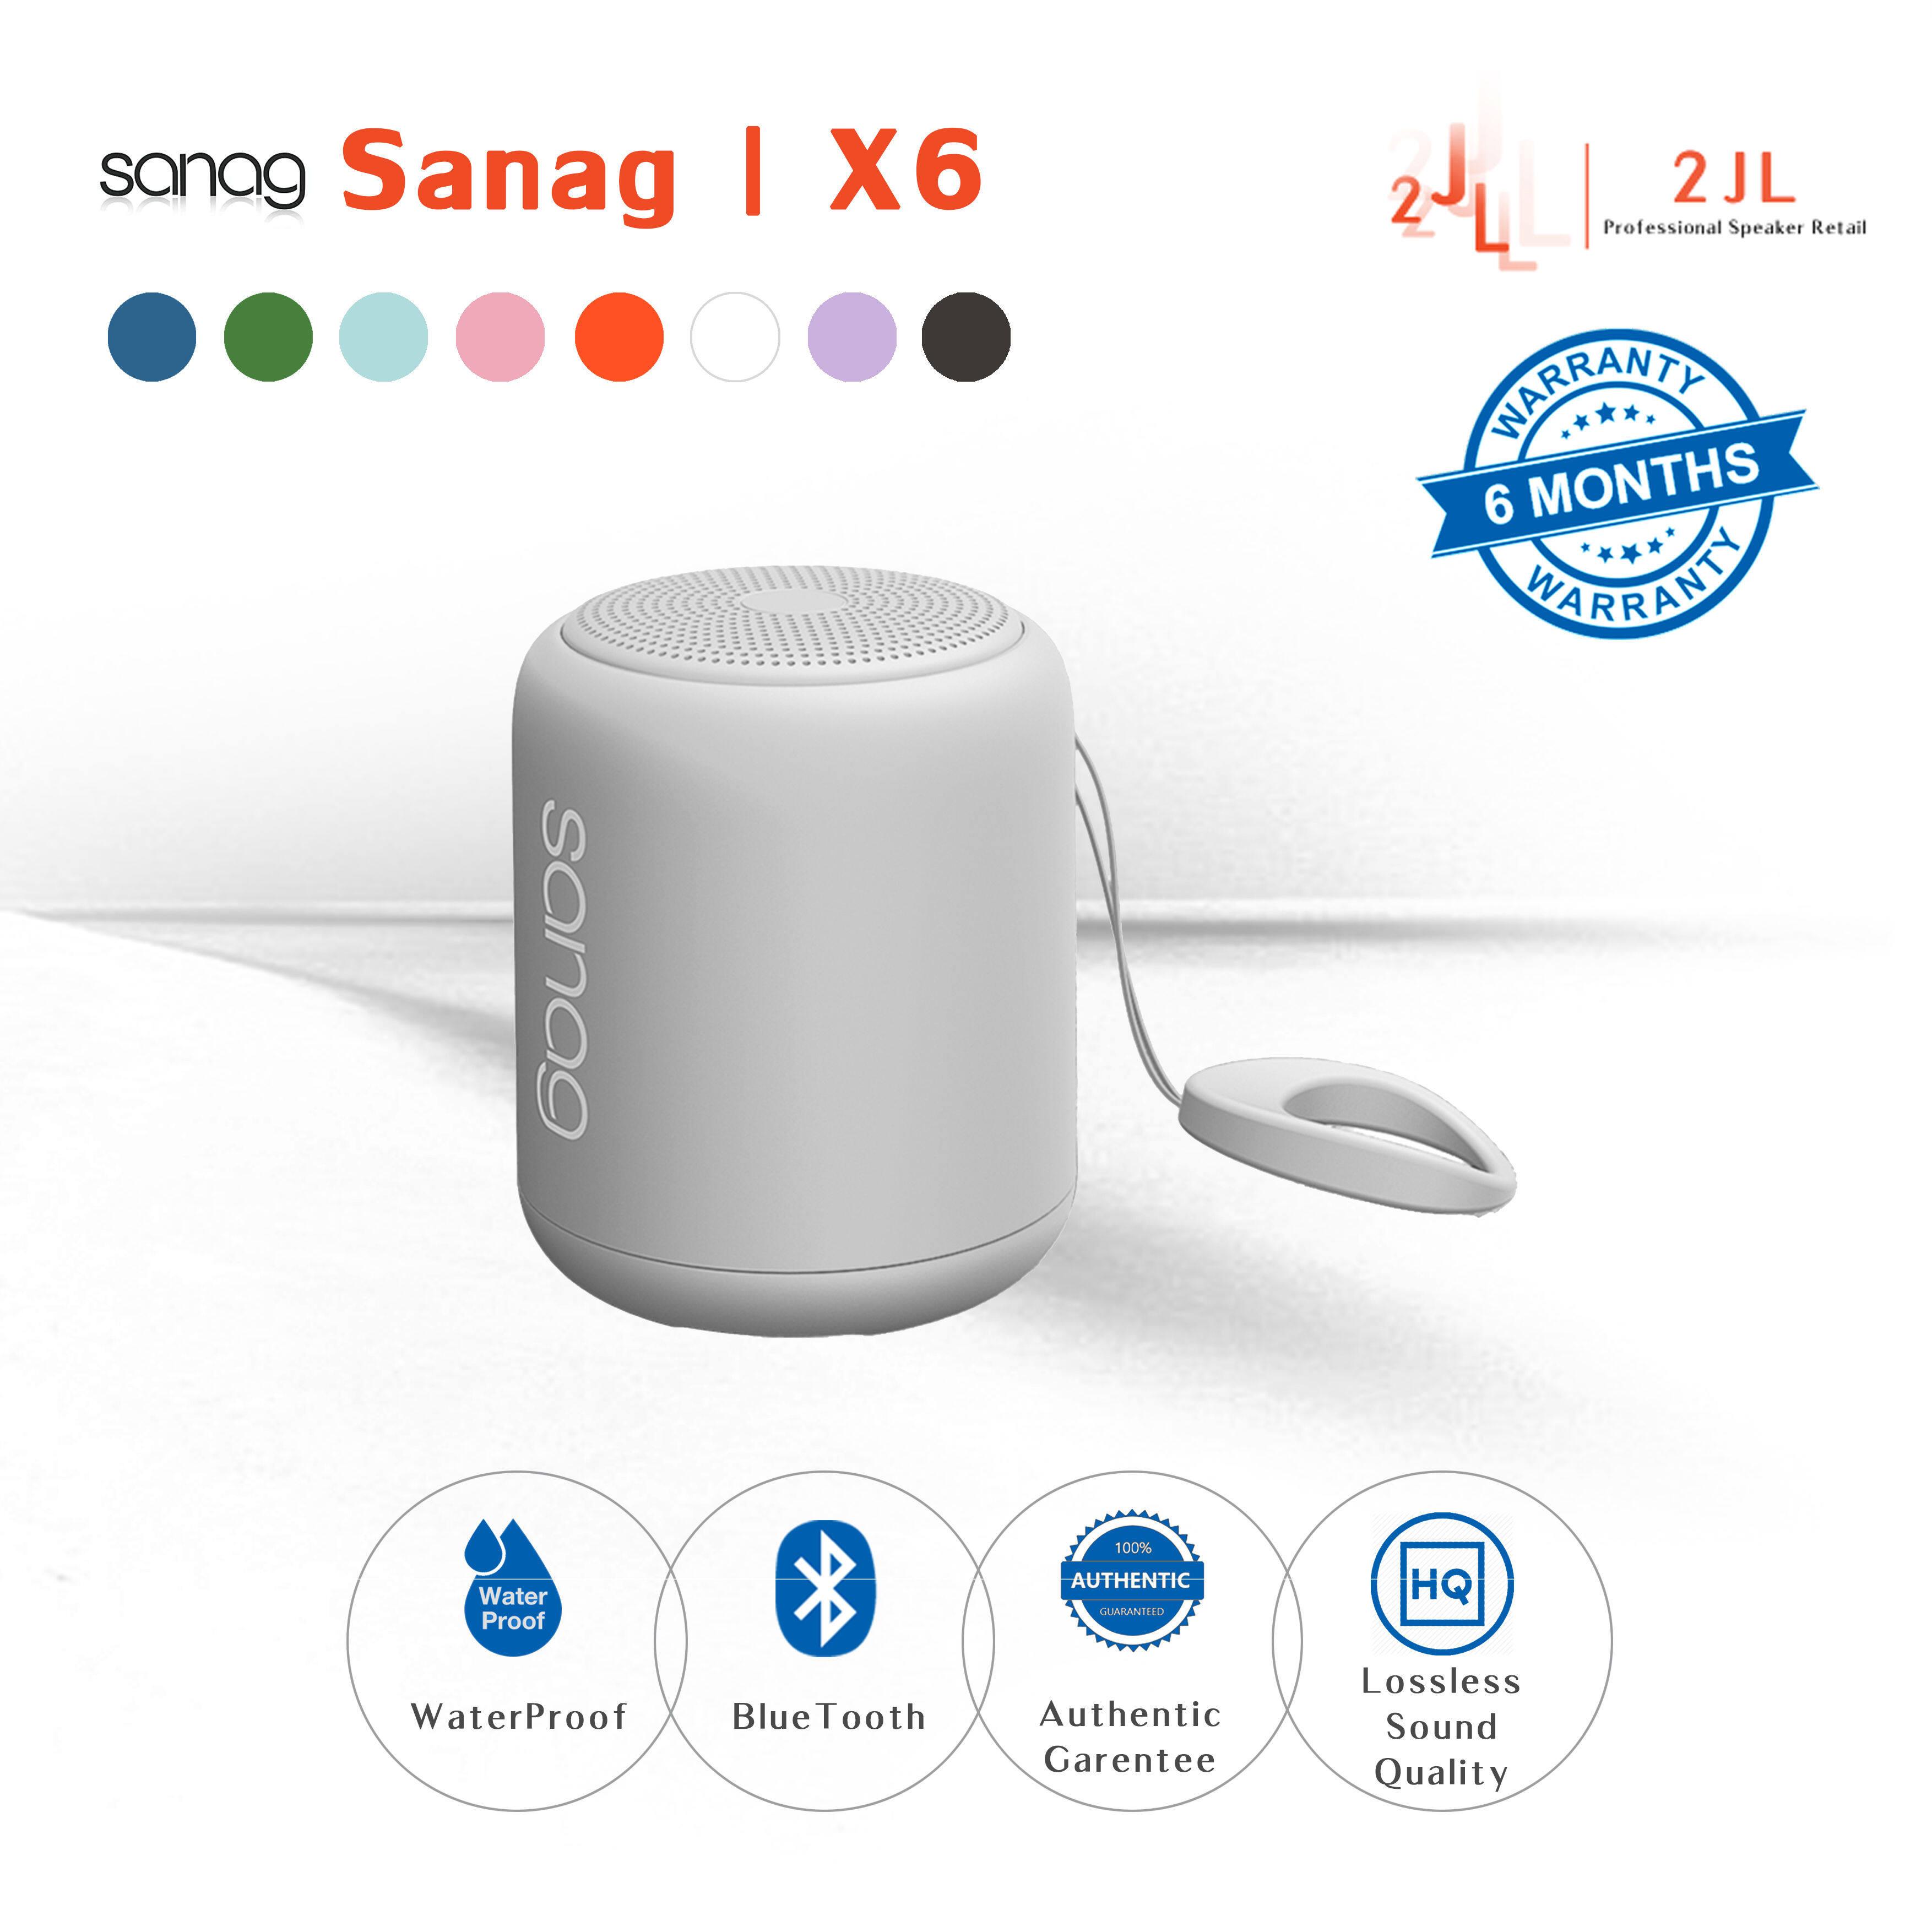 Sanag X6 5.0 Wireless Bluetooth Speaker Micro-Sd Play Portable Waterproof ลำโพงบลูทูธ ลำโพงกลางแจ้ง บูลทูธไร้สาย แบบพกพากันน้ำ(ของเเท้100%).